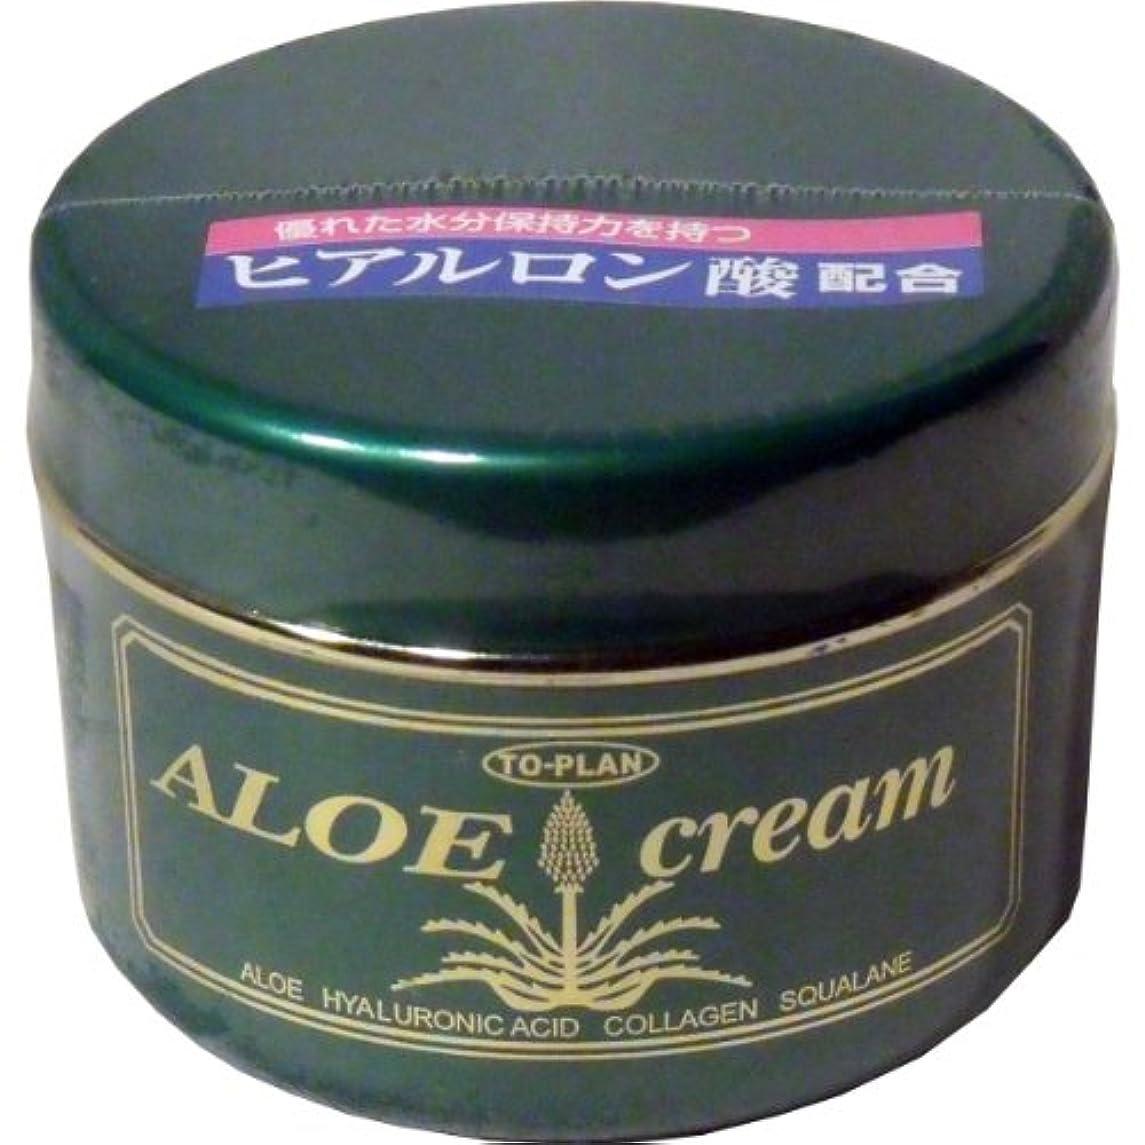 韓国レッドデート毒性トプラン ハーブフレッシュクリーム(アロエクリーム) ヒアルロン酸 170g ×5個セット